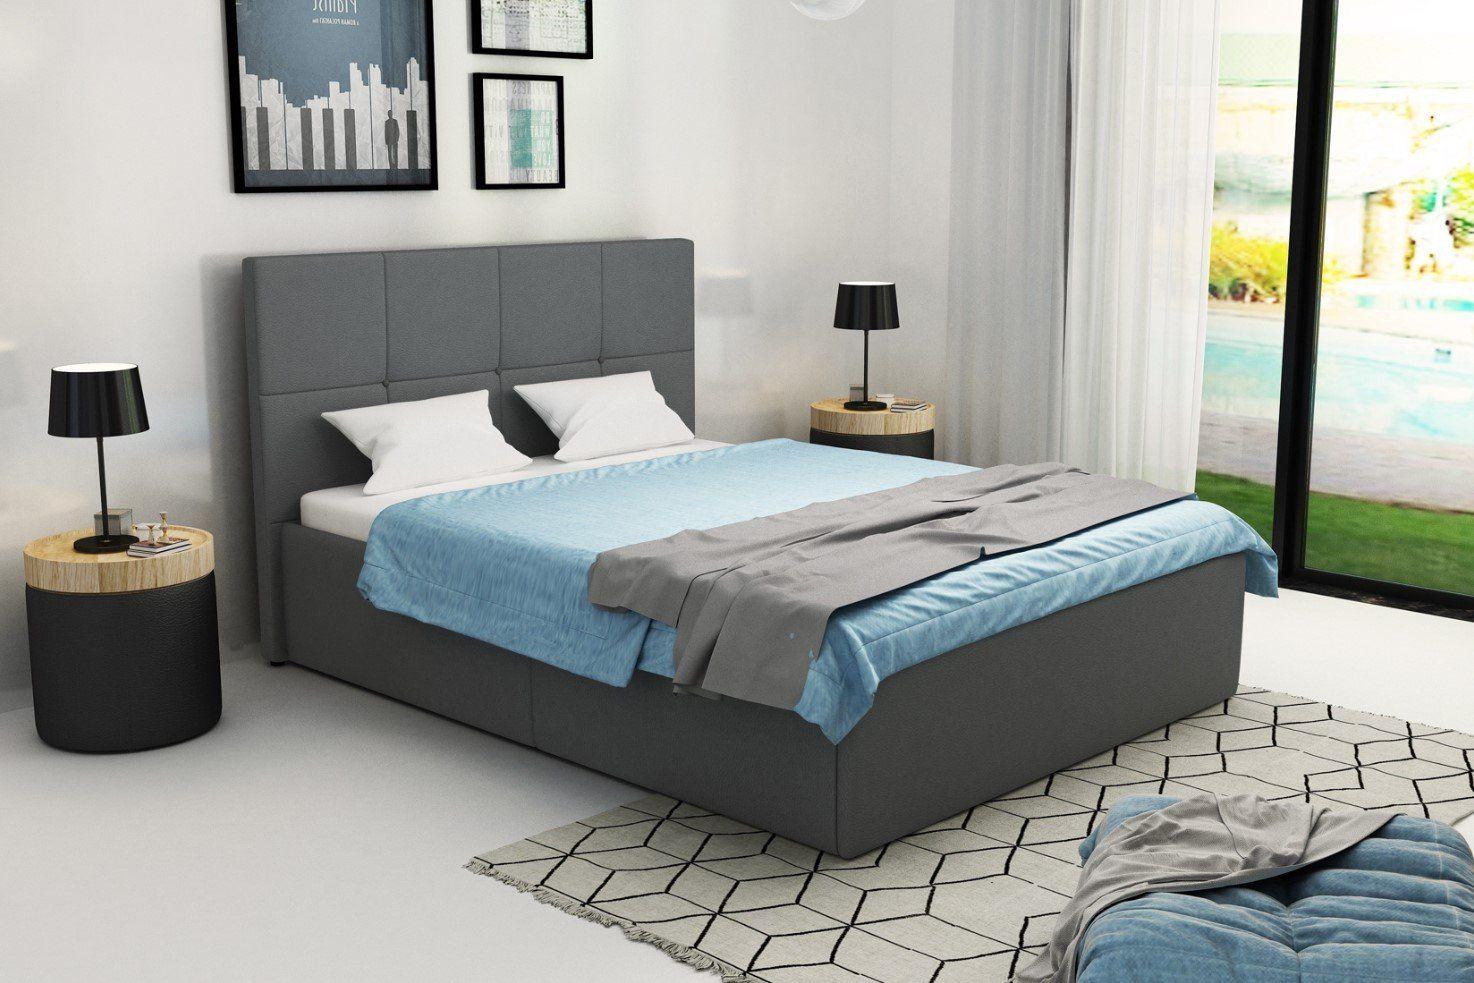 epingle sur lit adulte